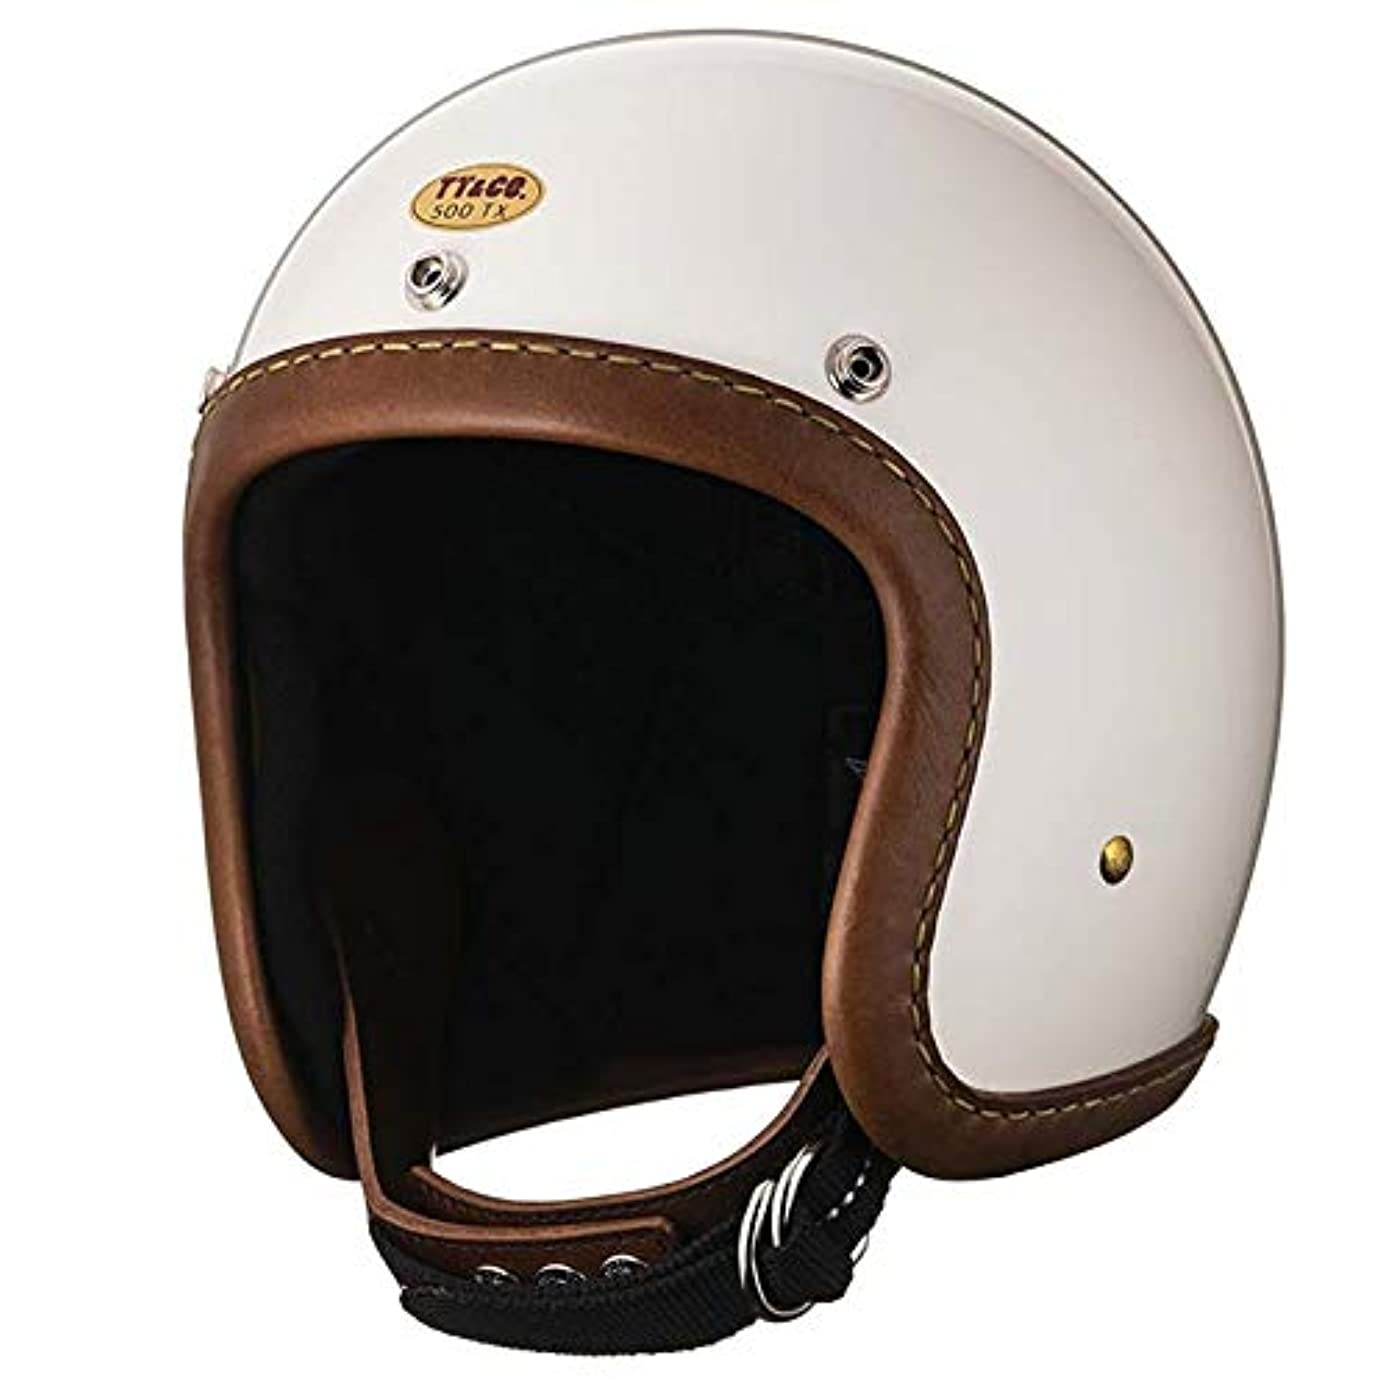 実装する社会南アメリカ公道使用不可 500-TX レザーリムショット ハンドソウン ブラウンレザー アイボリー XS TT&CO. ジェットヘルメット